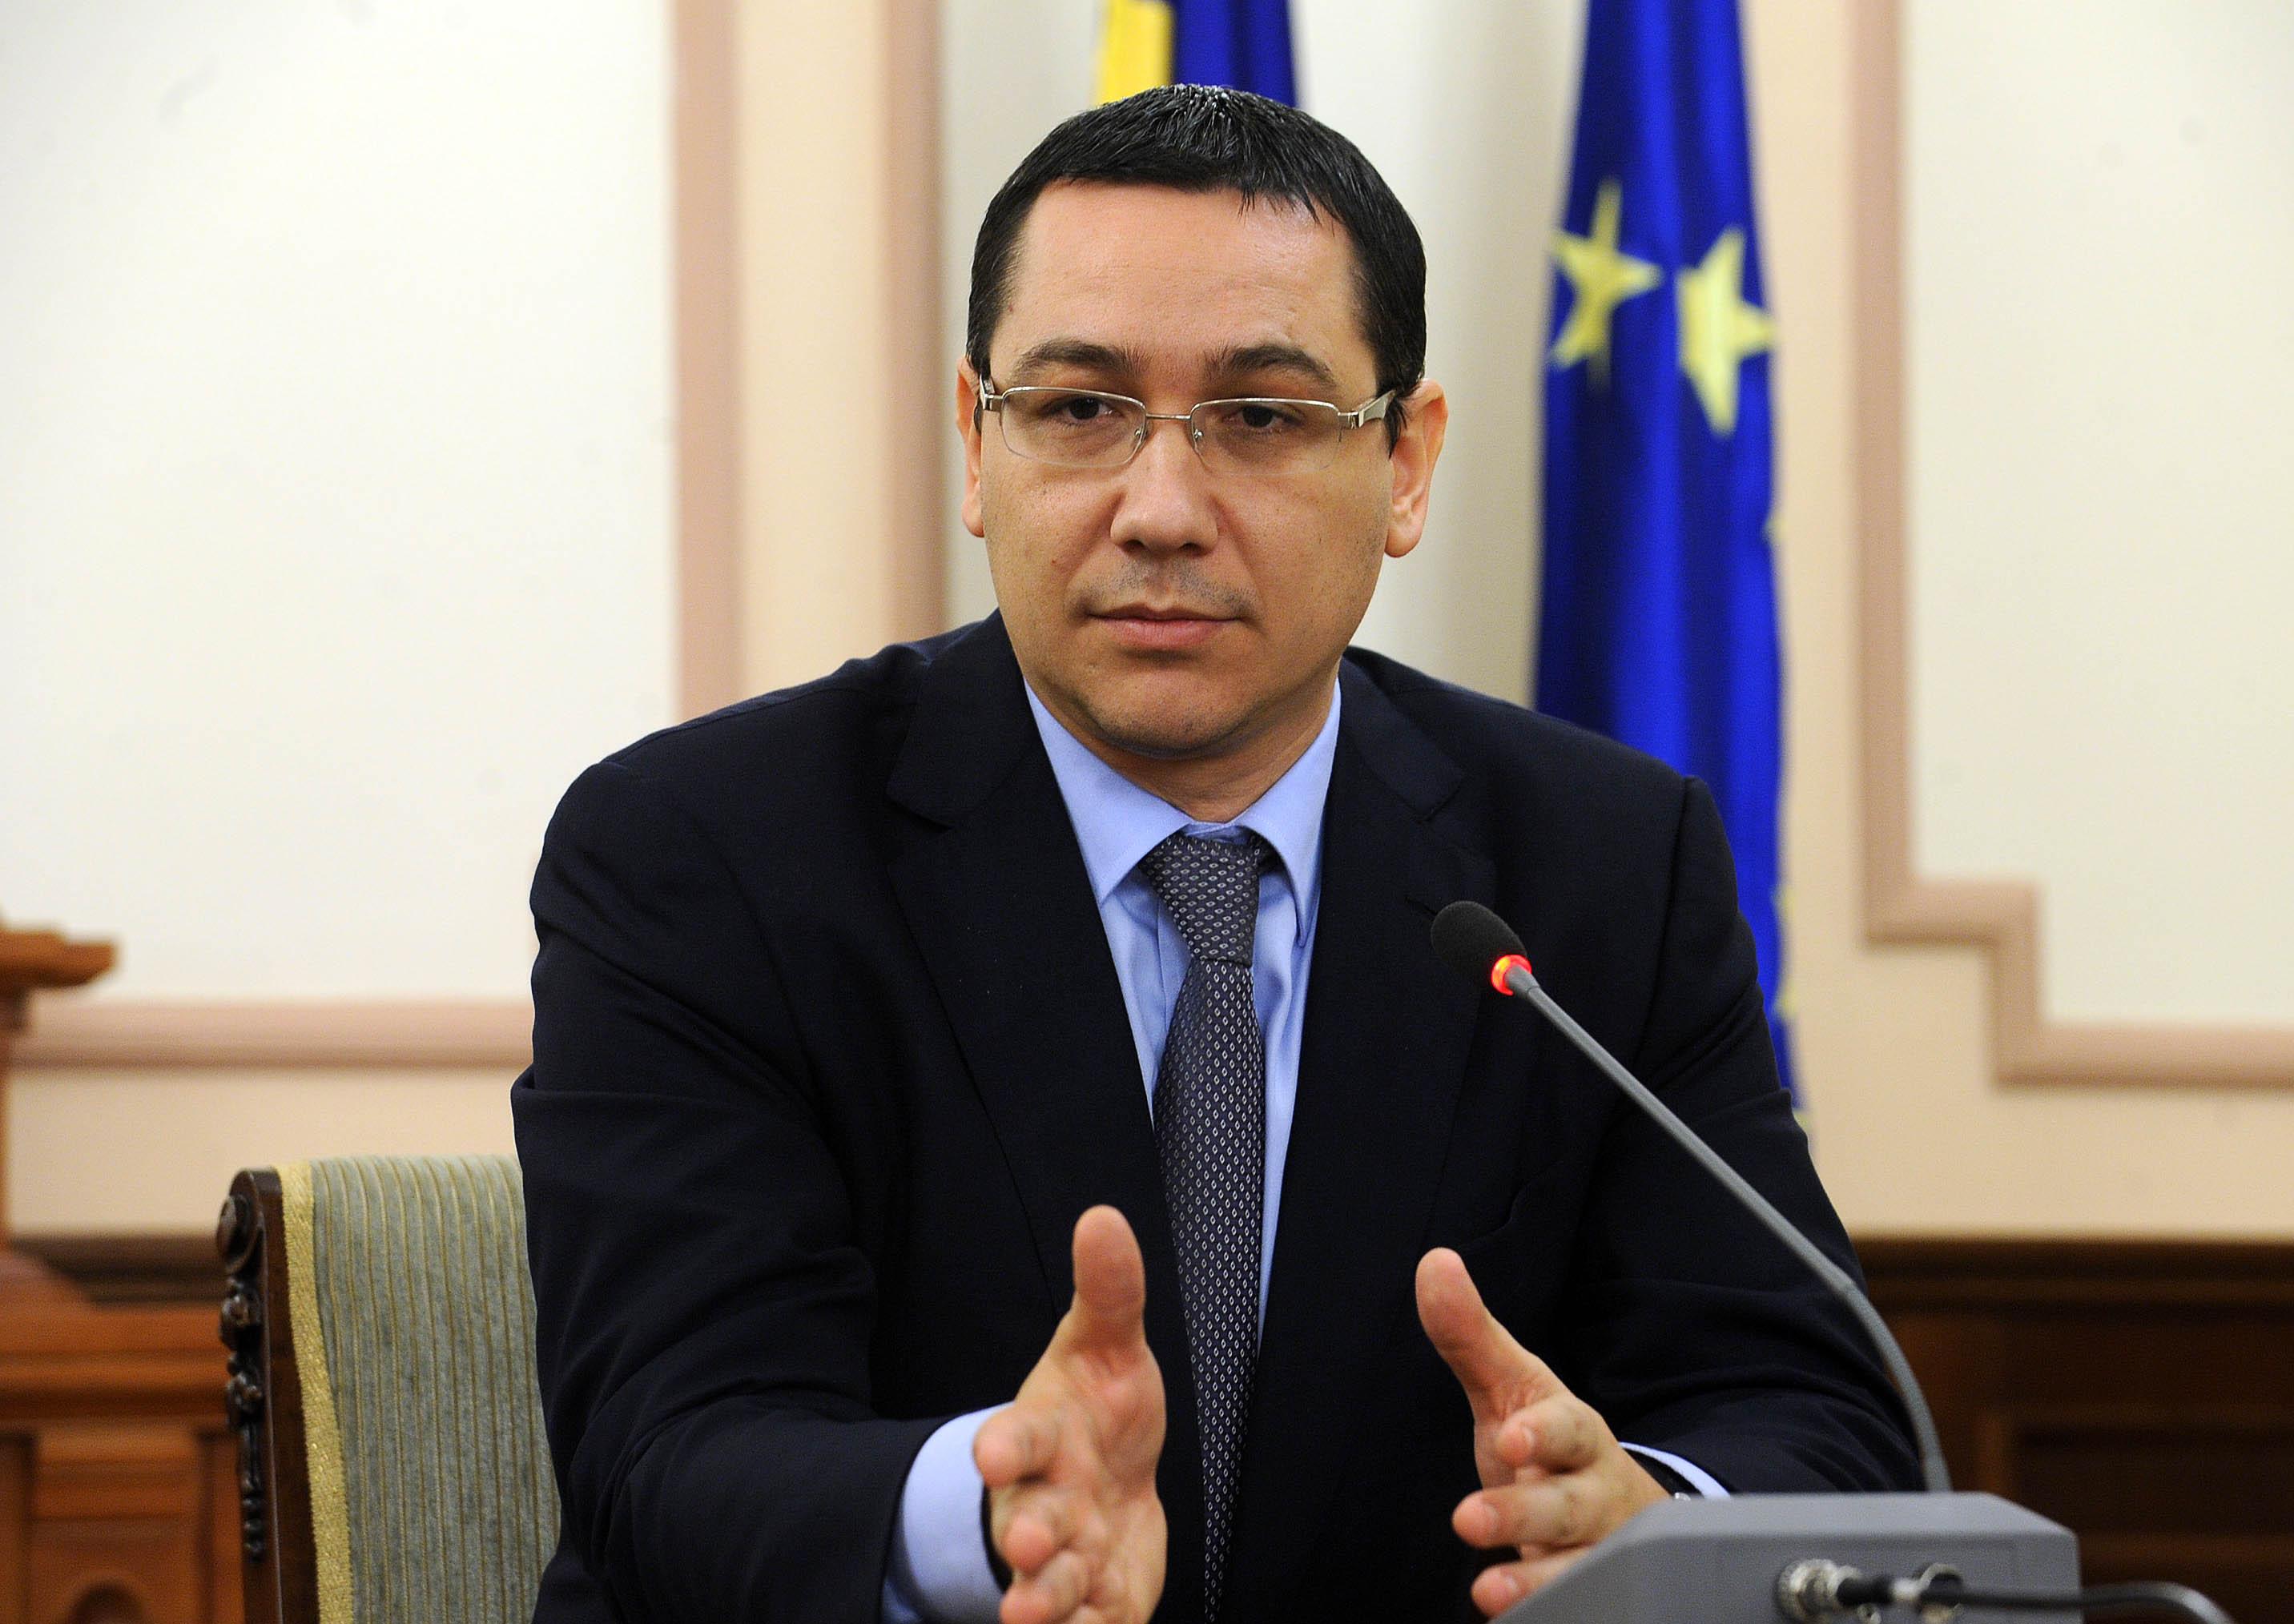 Victor Ponta a sustinut o conferinta de presa de la sediul MAE